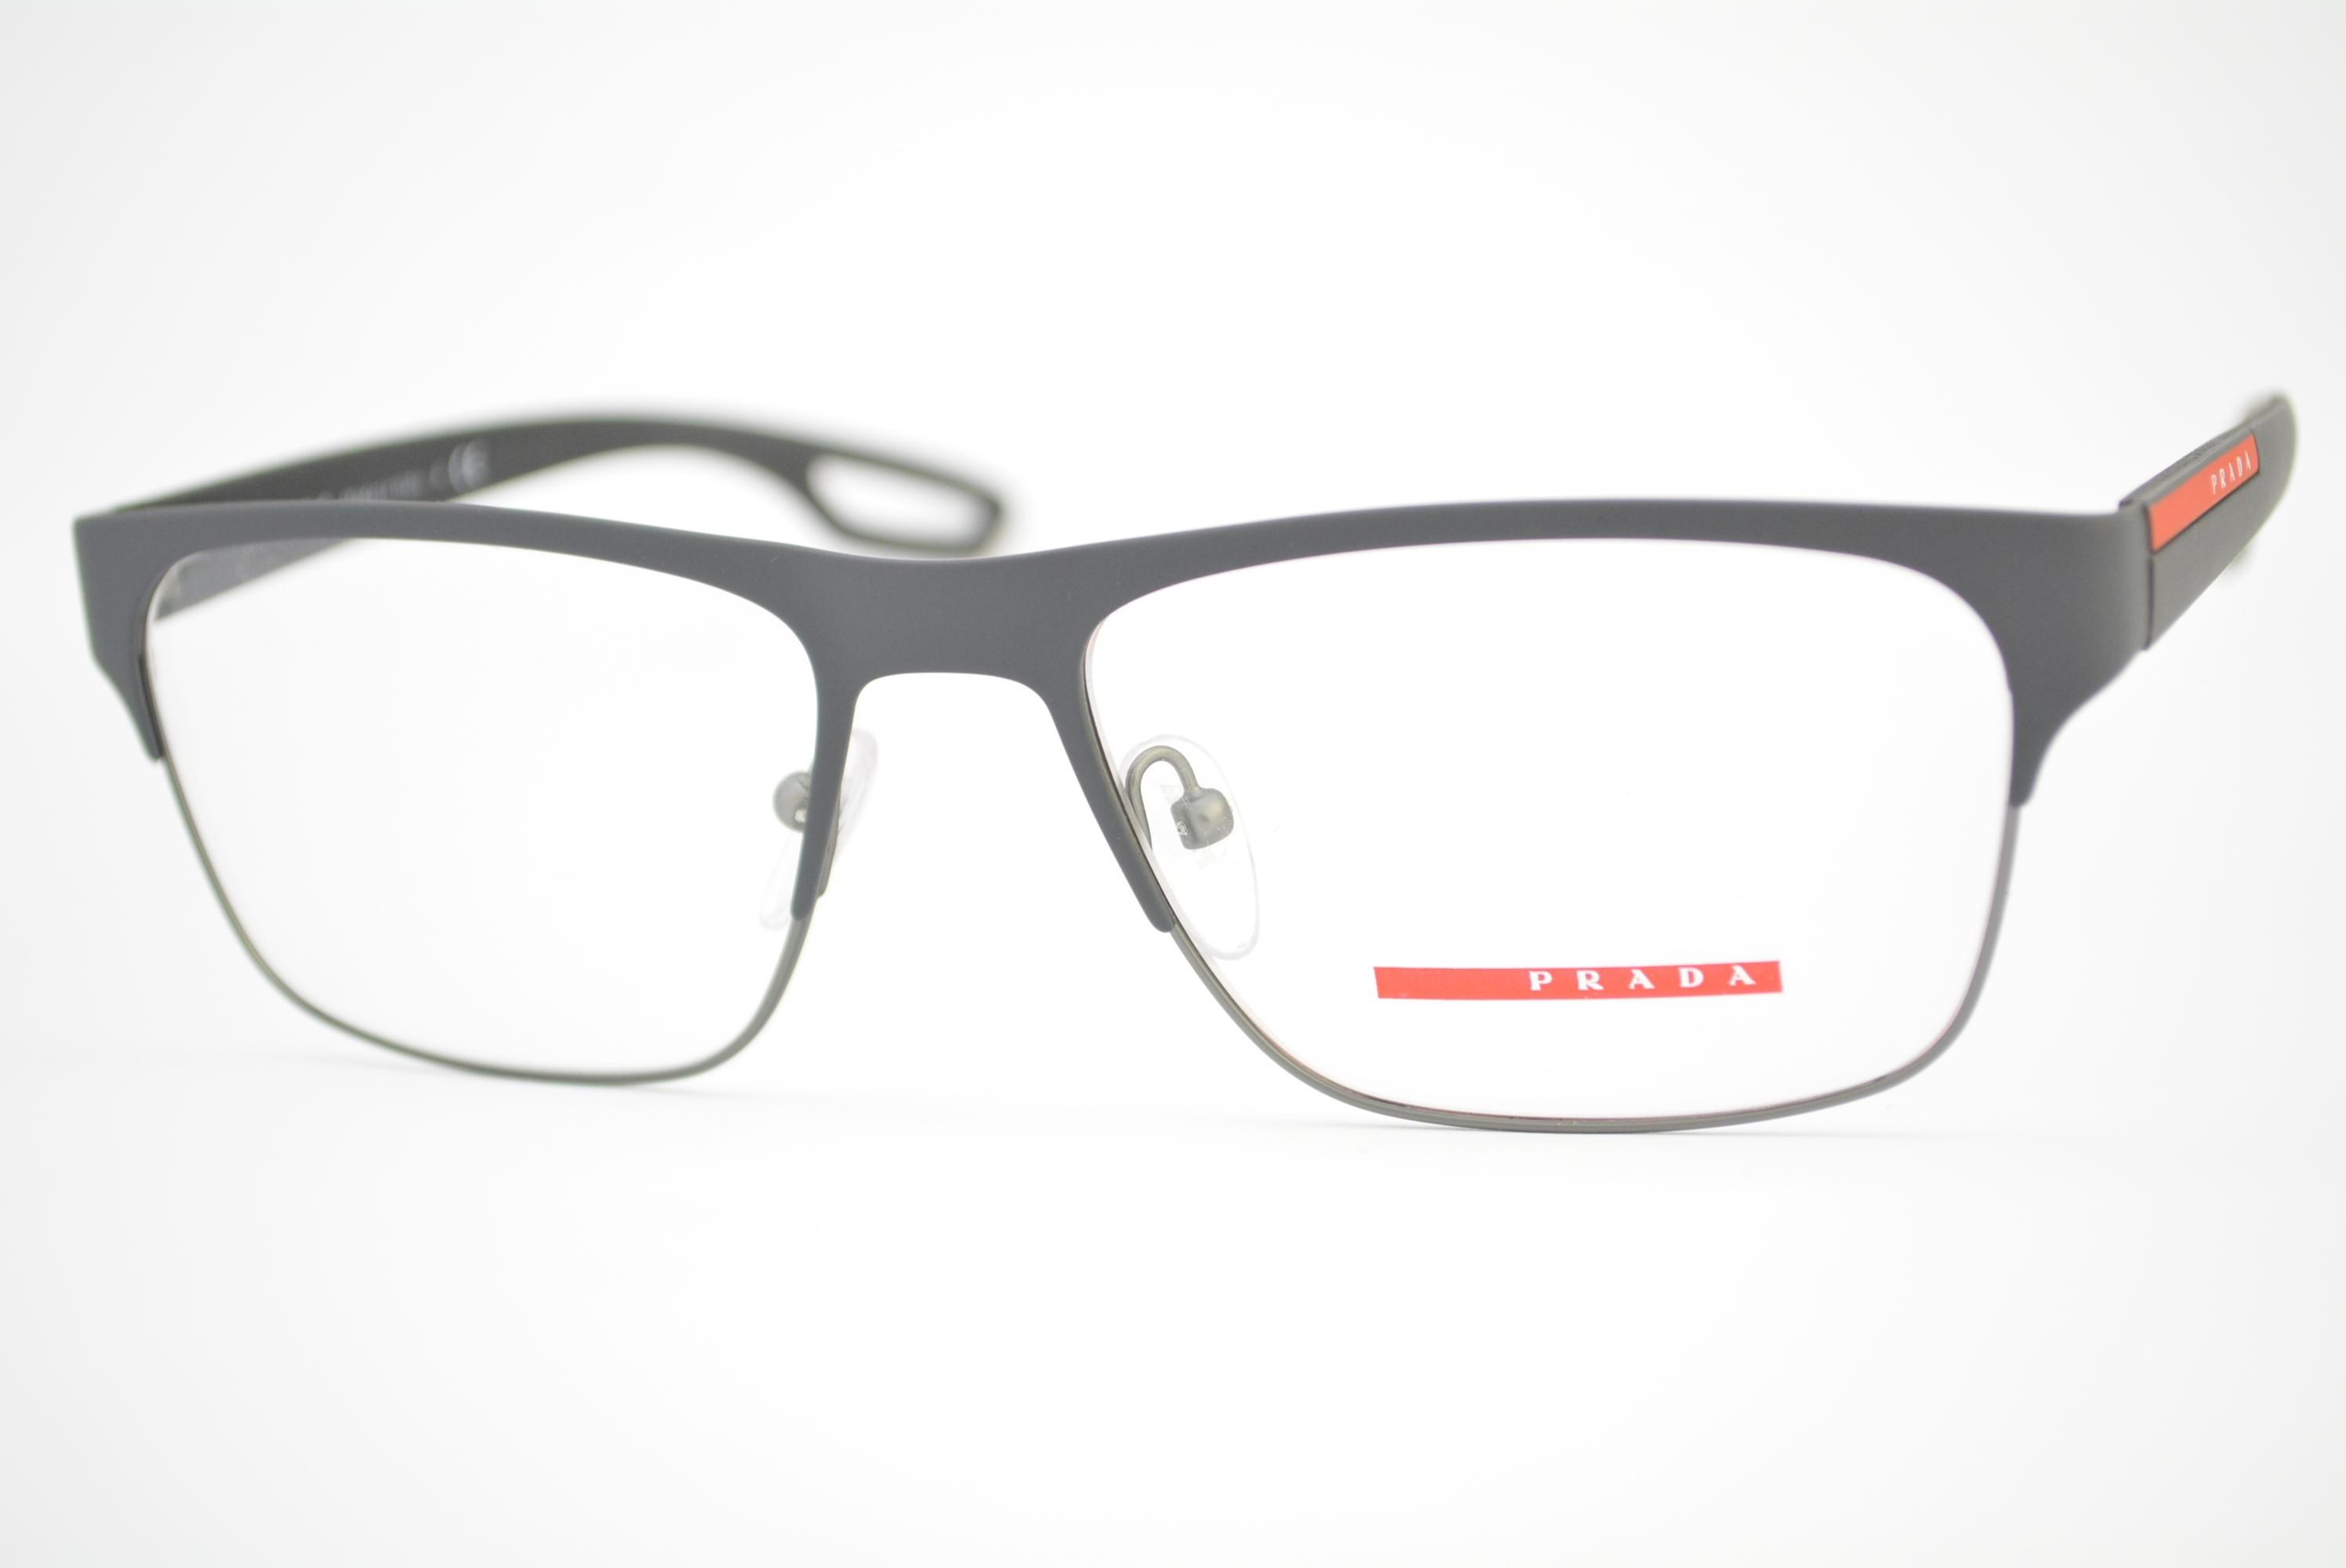 2f2763d7dbc25 armação de óculos Prada Linea Rossa mod vps52G UFK-1O1 Ótica Cardoso